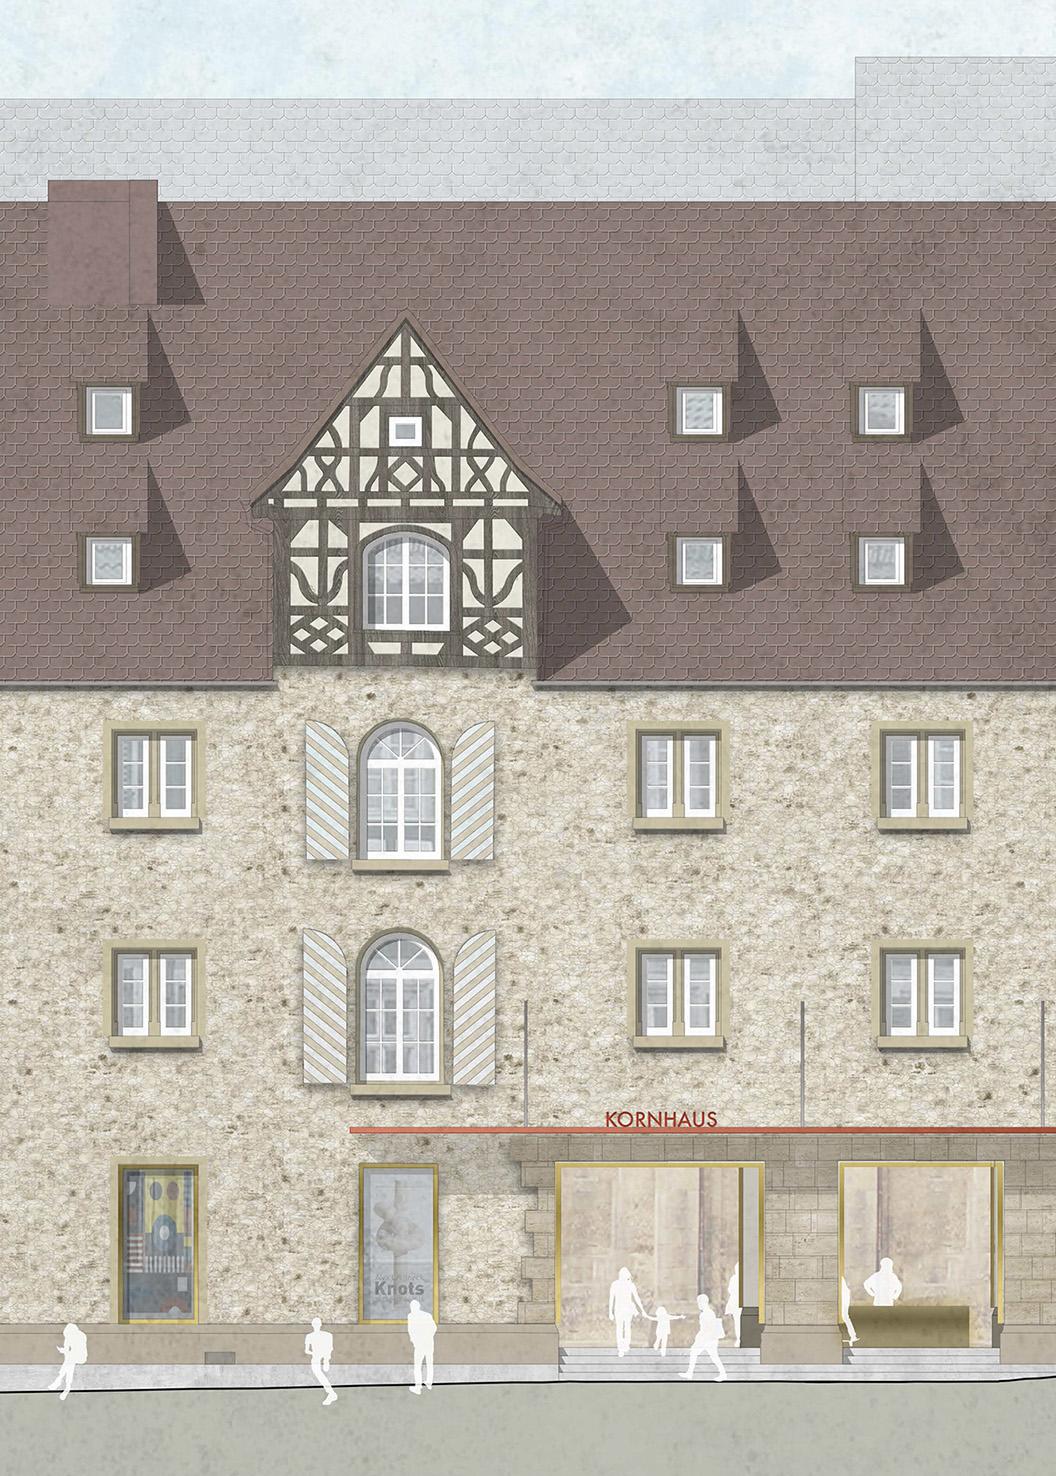 Städtisches Museum im Kornhaus Kirchheim unter Teck Meili Peter dreisterneplus Wettbewerb